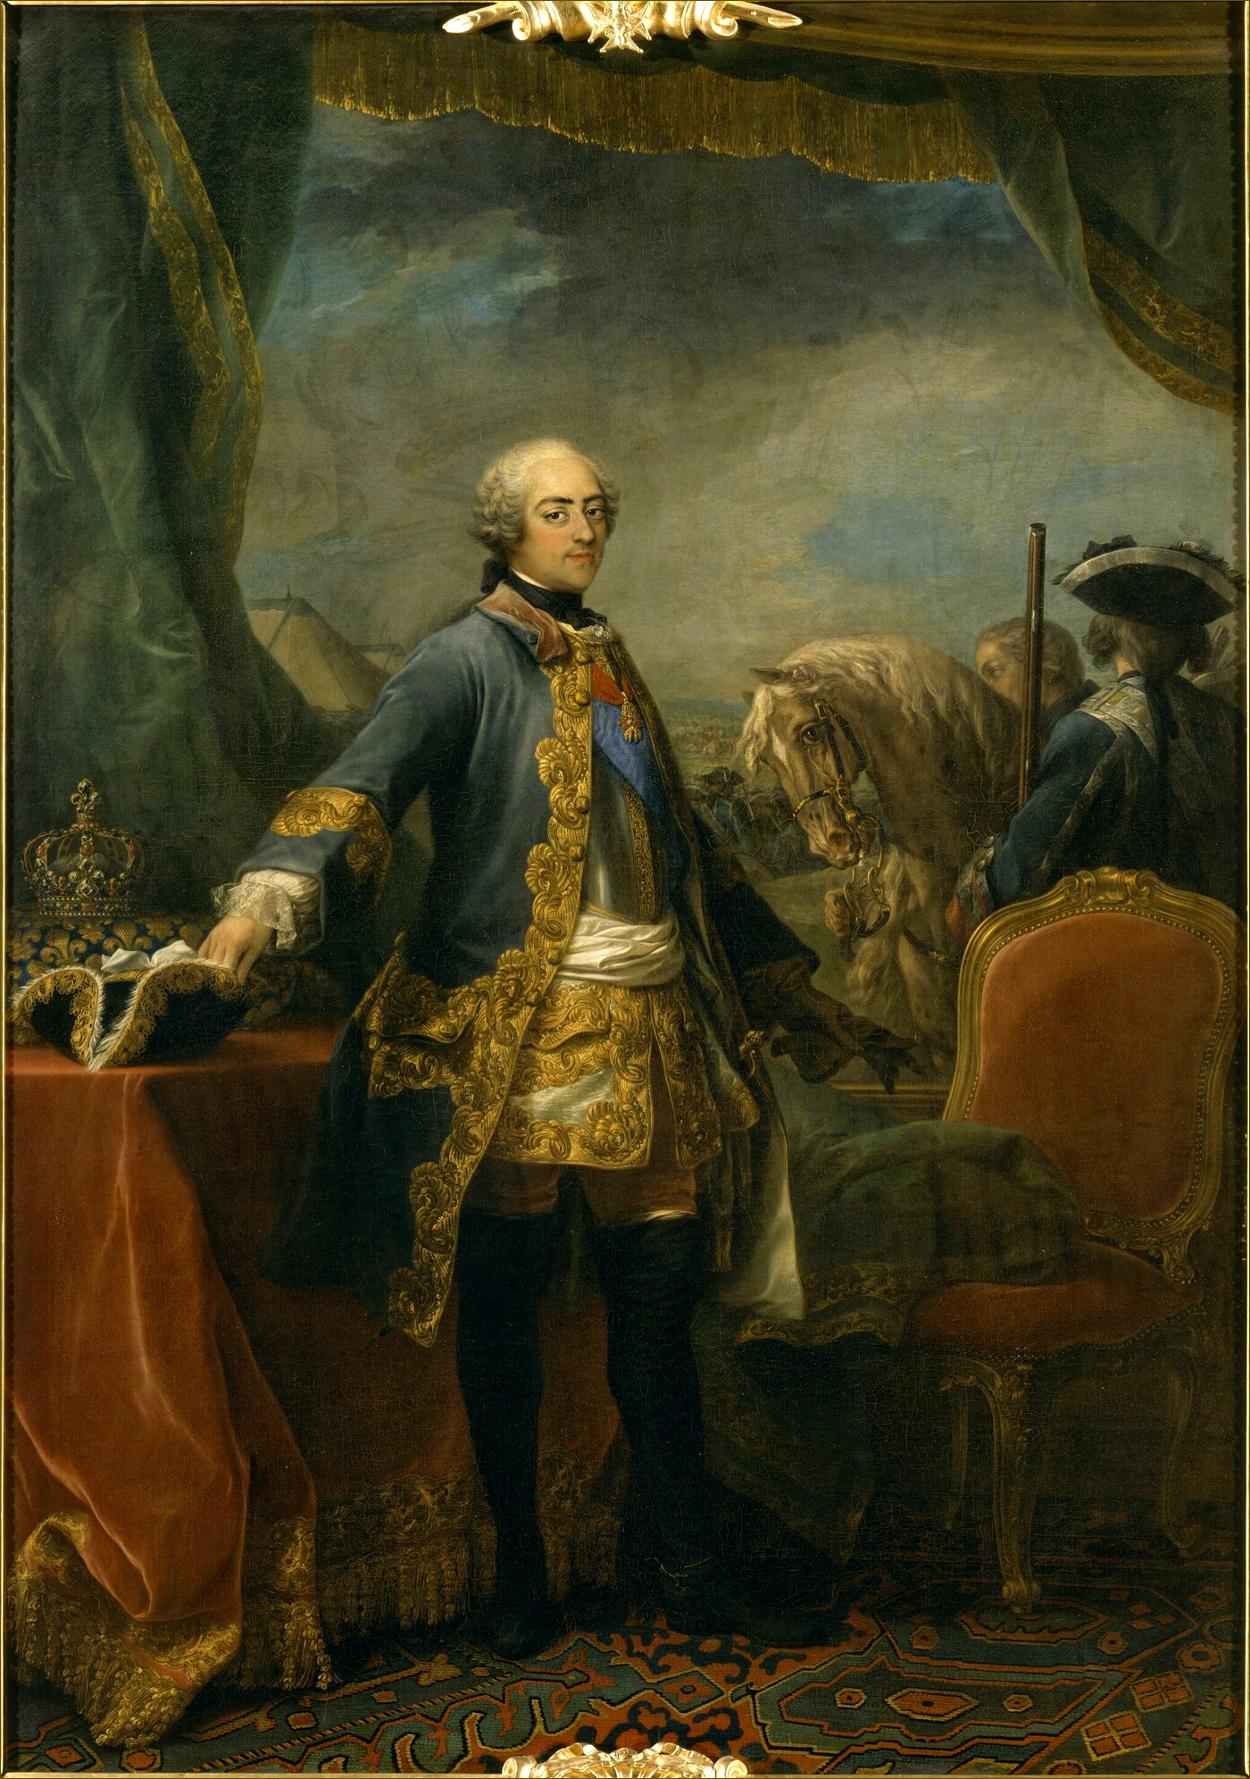 Louis XV, roi de France, âgé de 37 ans, pendant la campagne de Flandres de 1747, par Carle Van Loo